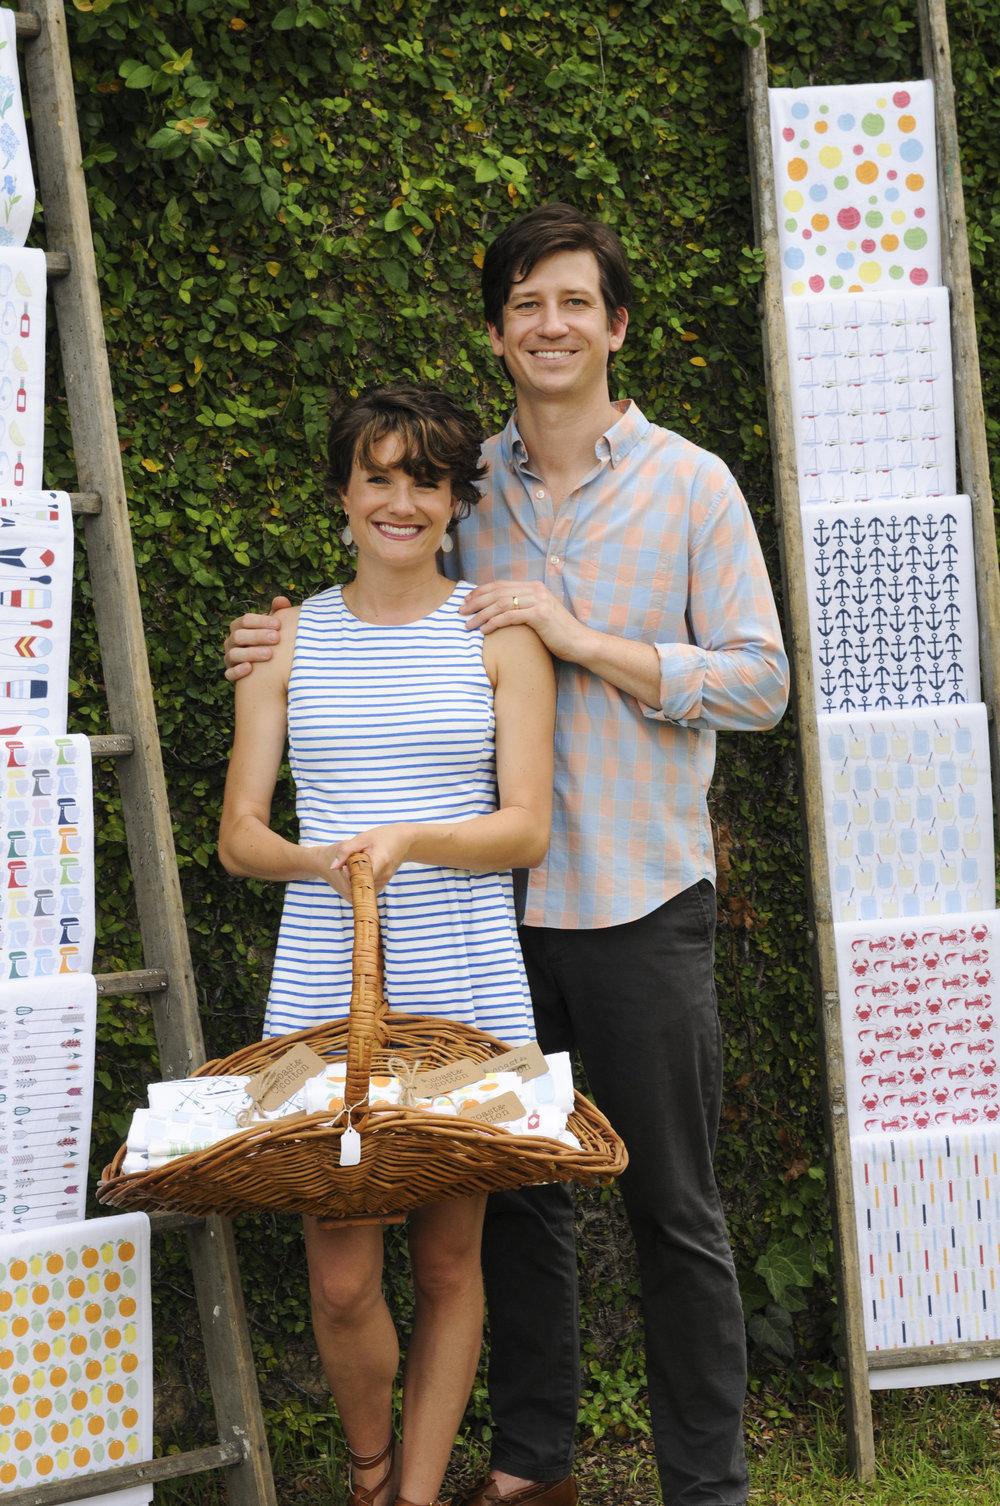 Will & Sydney Hewitt